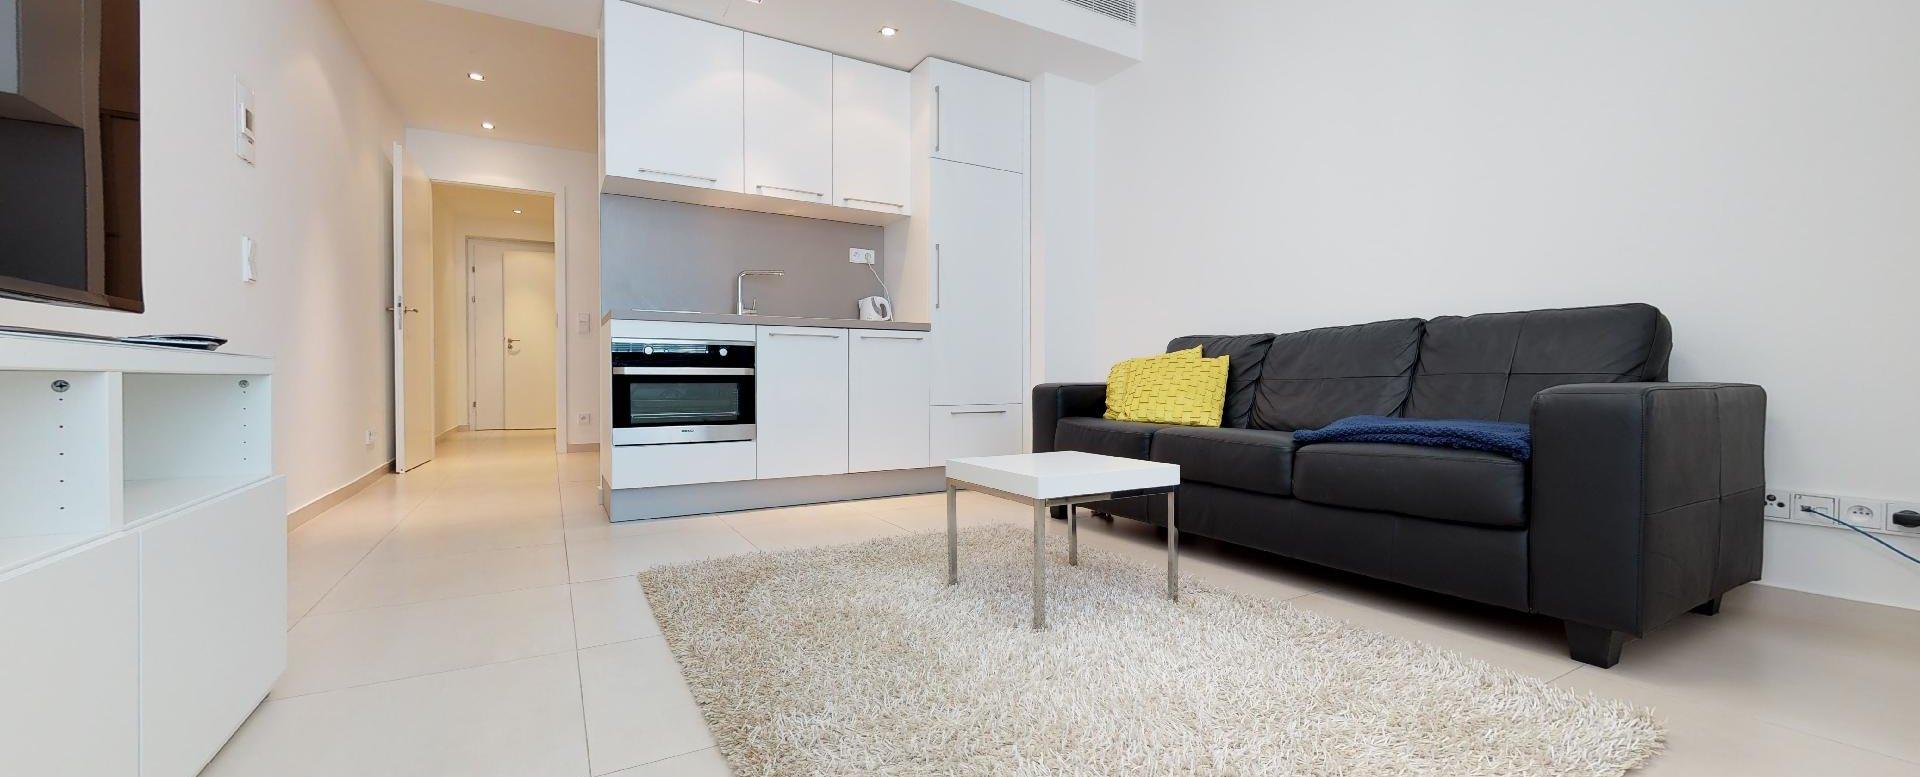 obývačka s kuchynským kútom a tv